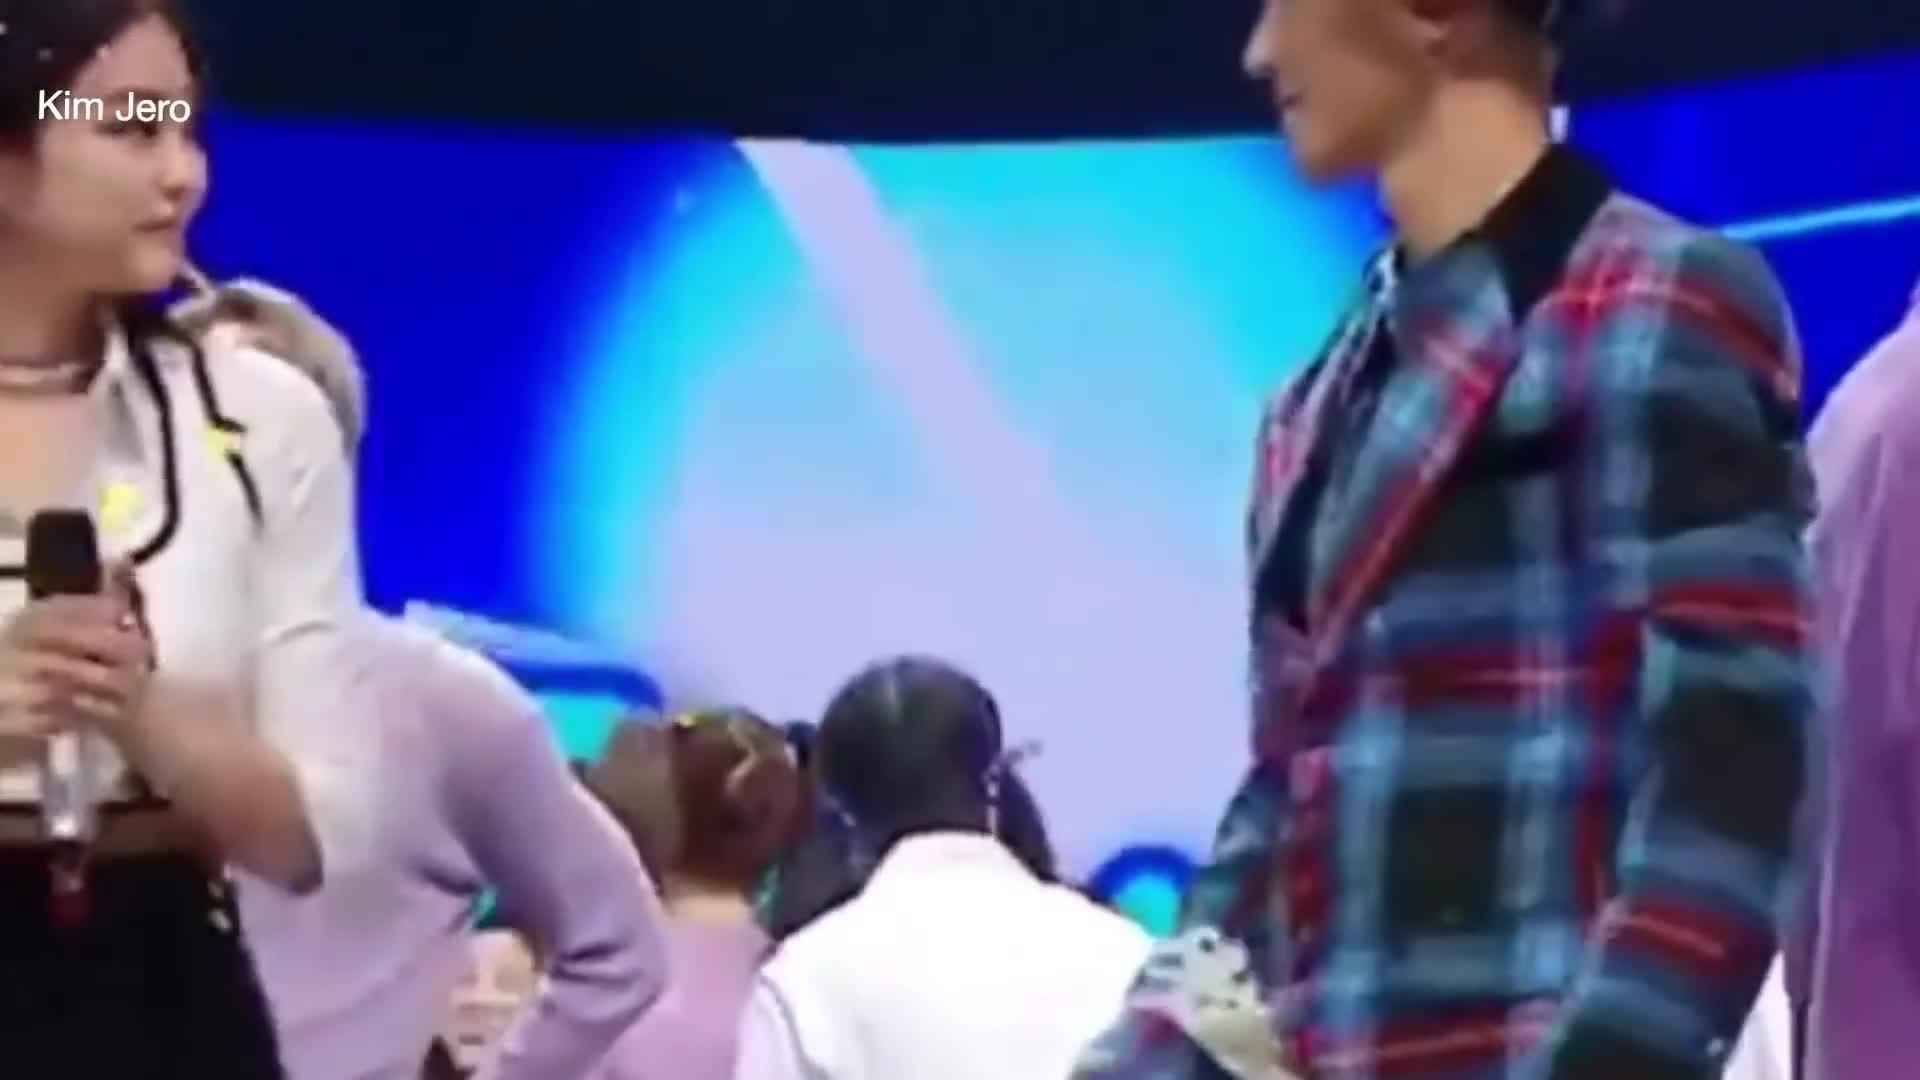 1001 khoảnh khắc: Kai và Jennie đã thính ngập trời thế này mà chúng ta không hề nhận ra?